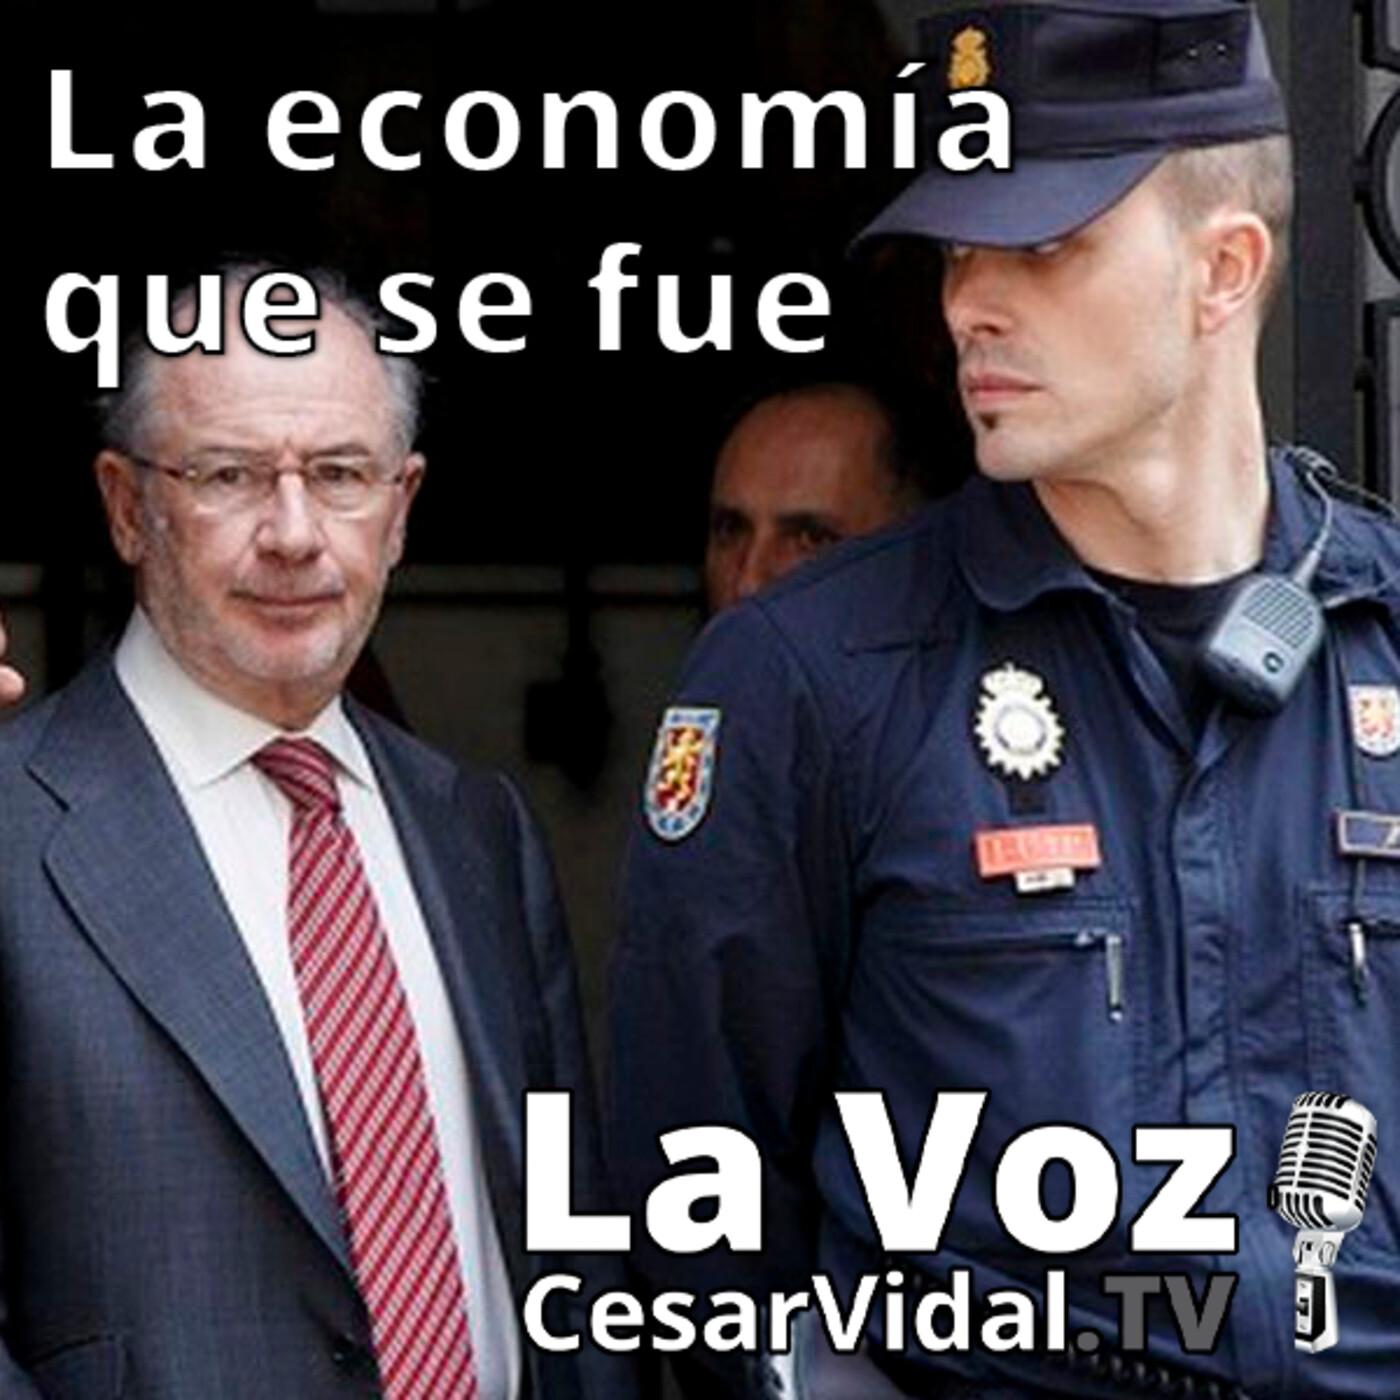 La economía que se fue - 29/09/20